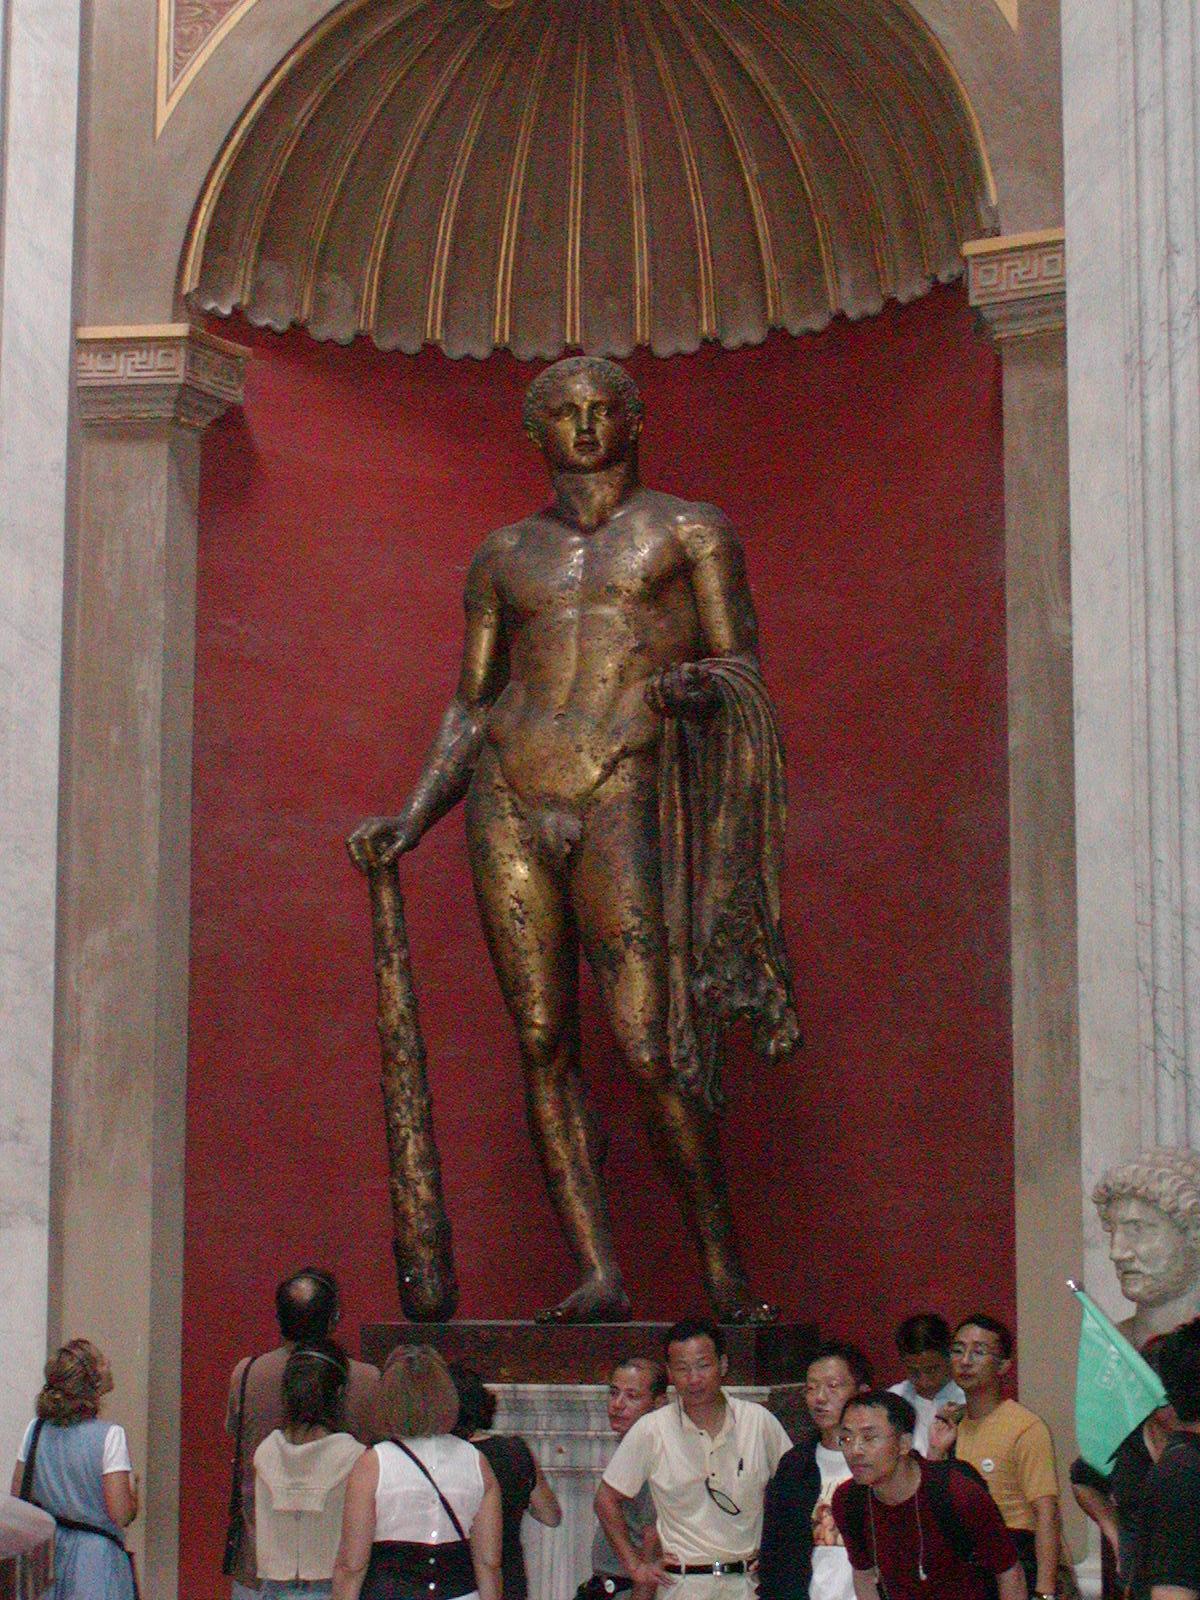 Pio-Clementine Museum - 2002-09-10-123540